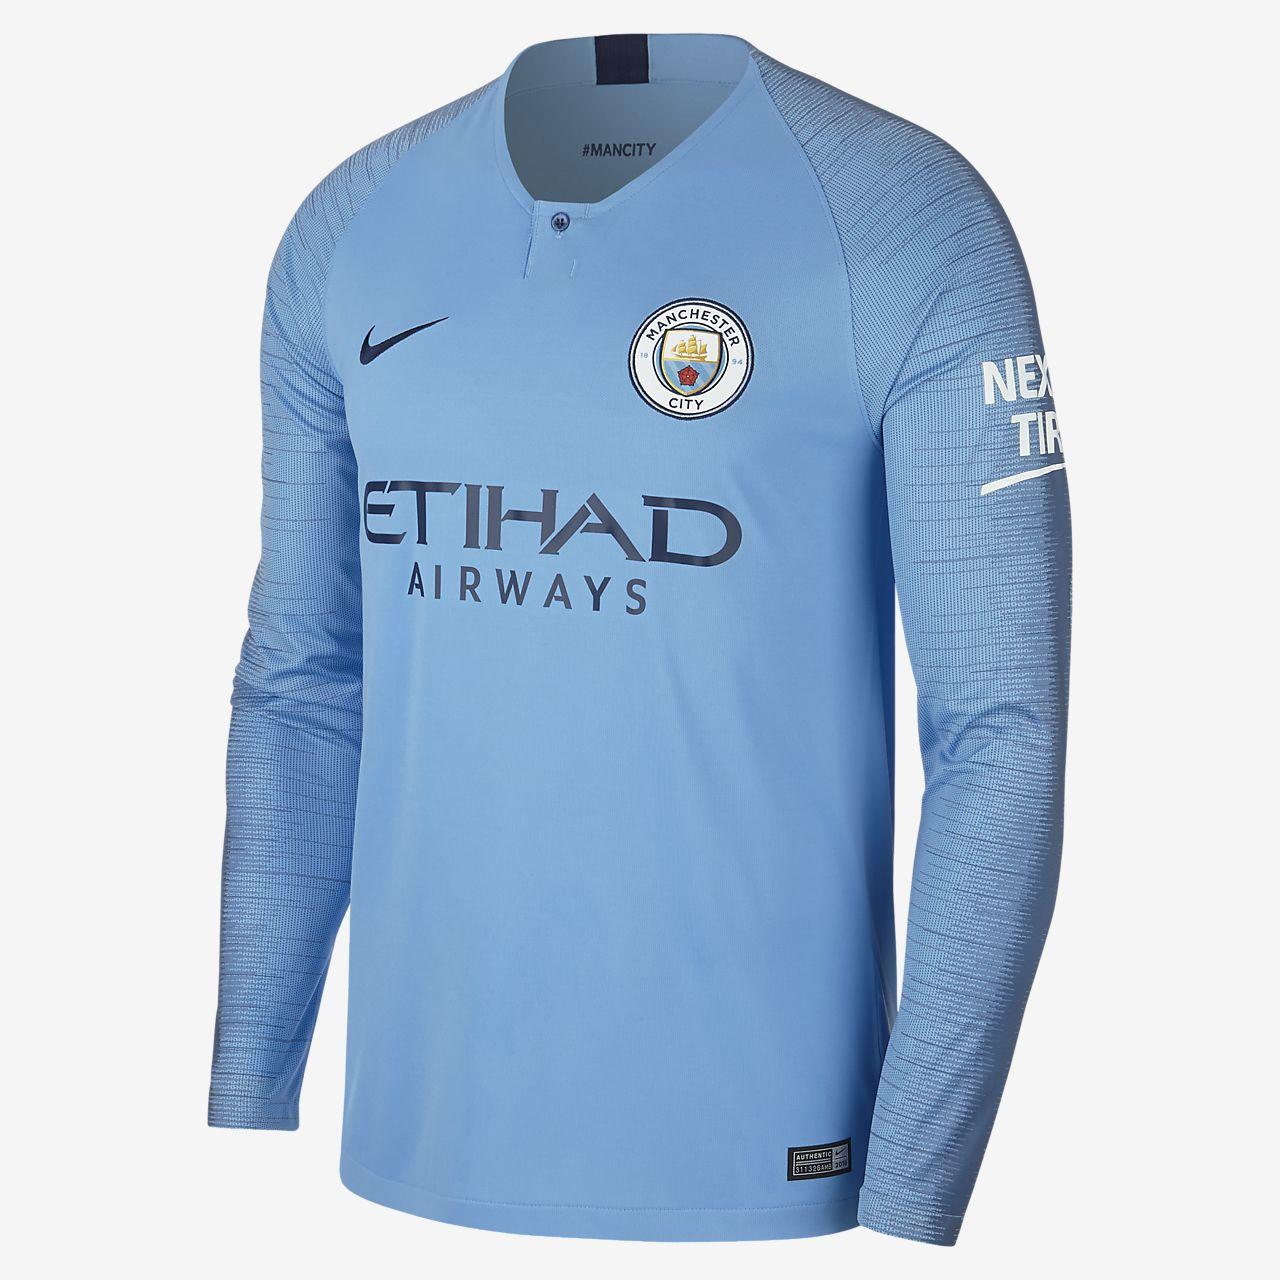 2018 19 Manchester City FC Stadium Home Camiseta de fútbol de manga larga -  Hombre 5e04883f5547c